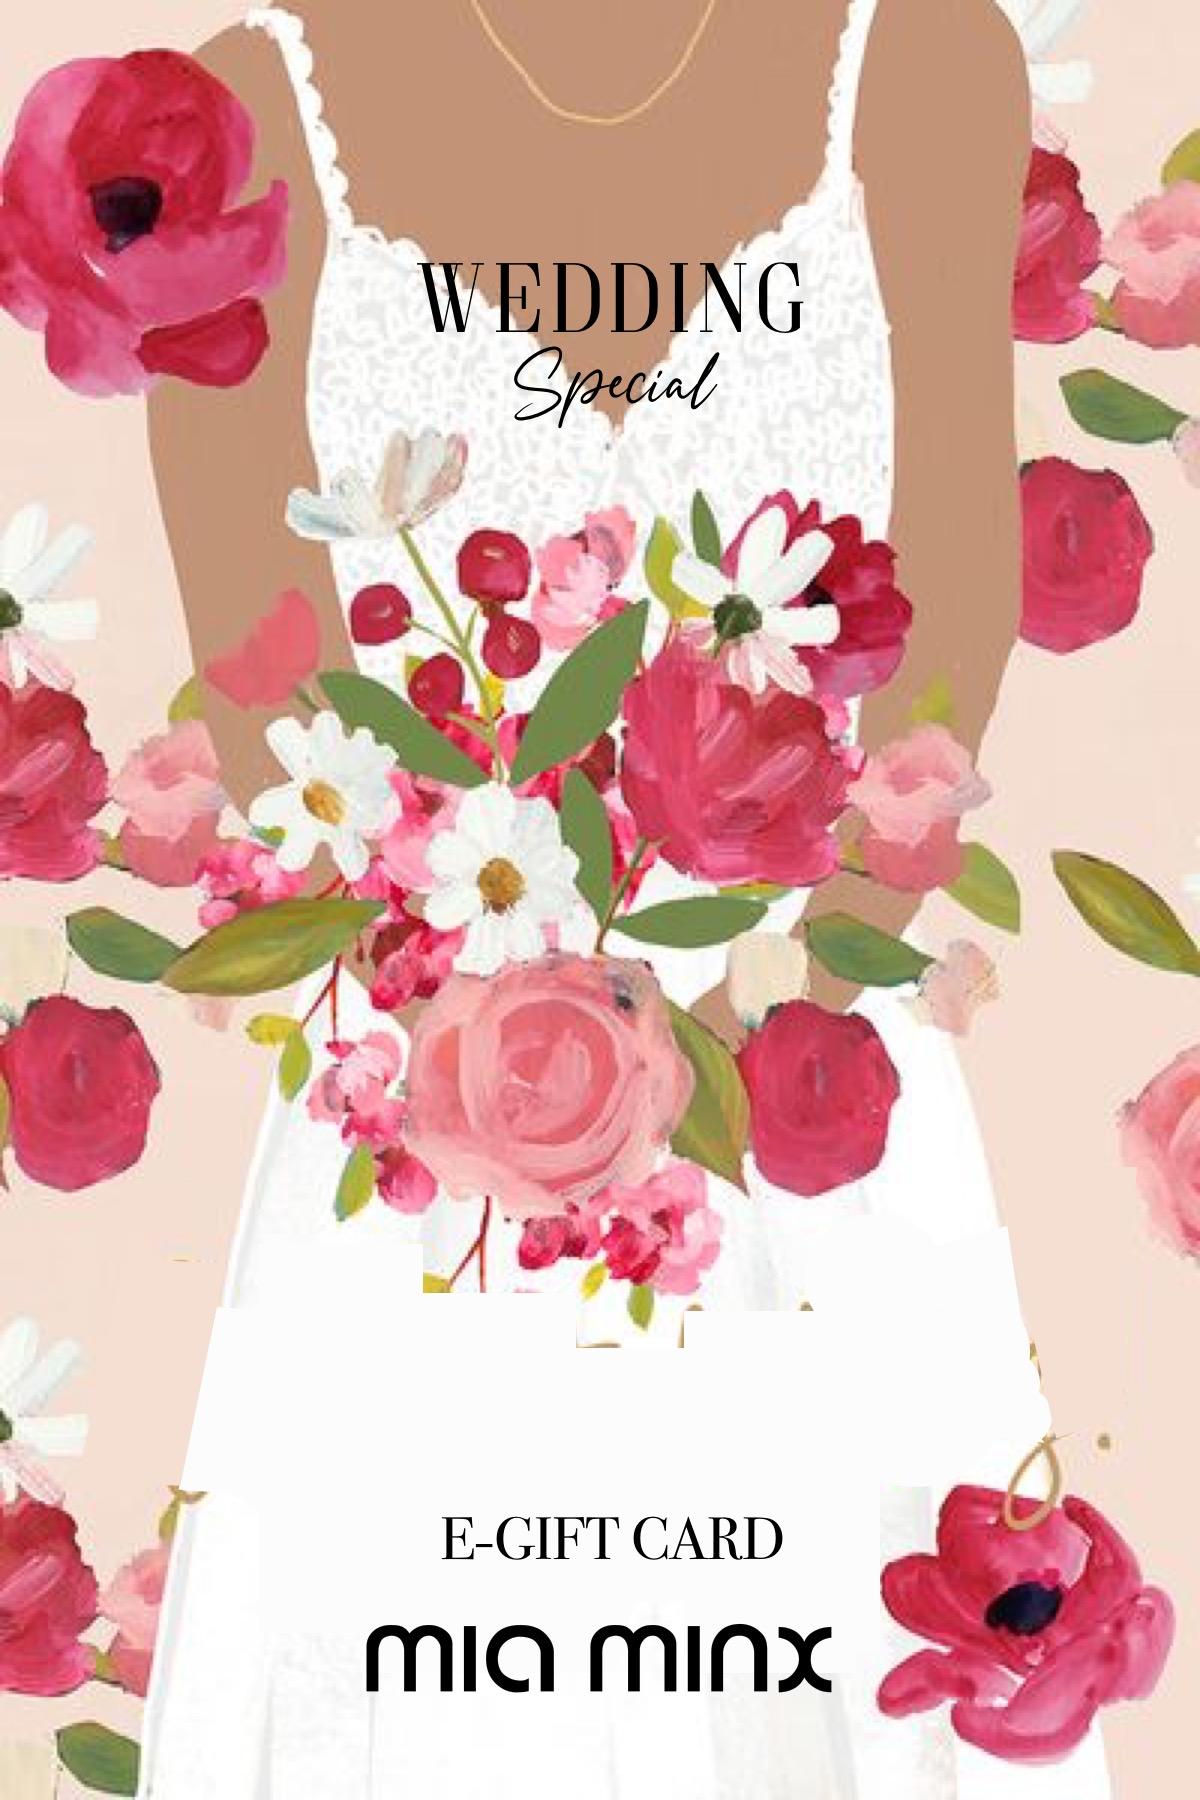 wedding e-gift card